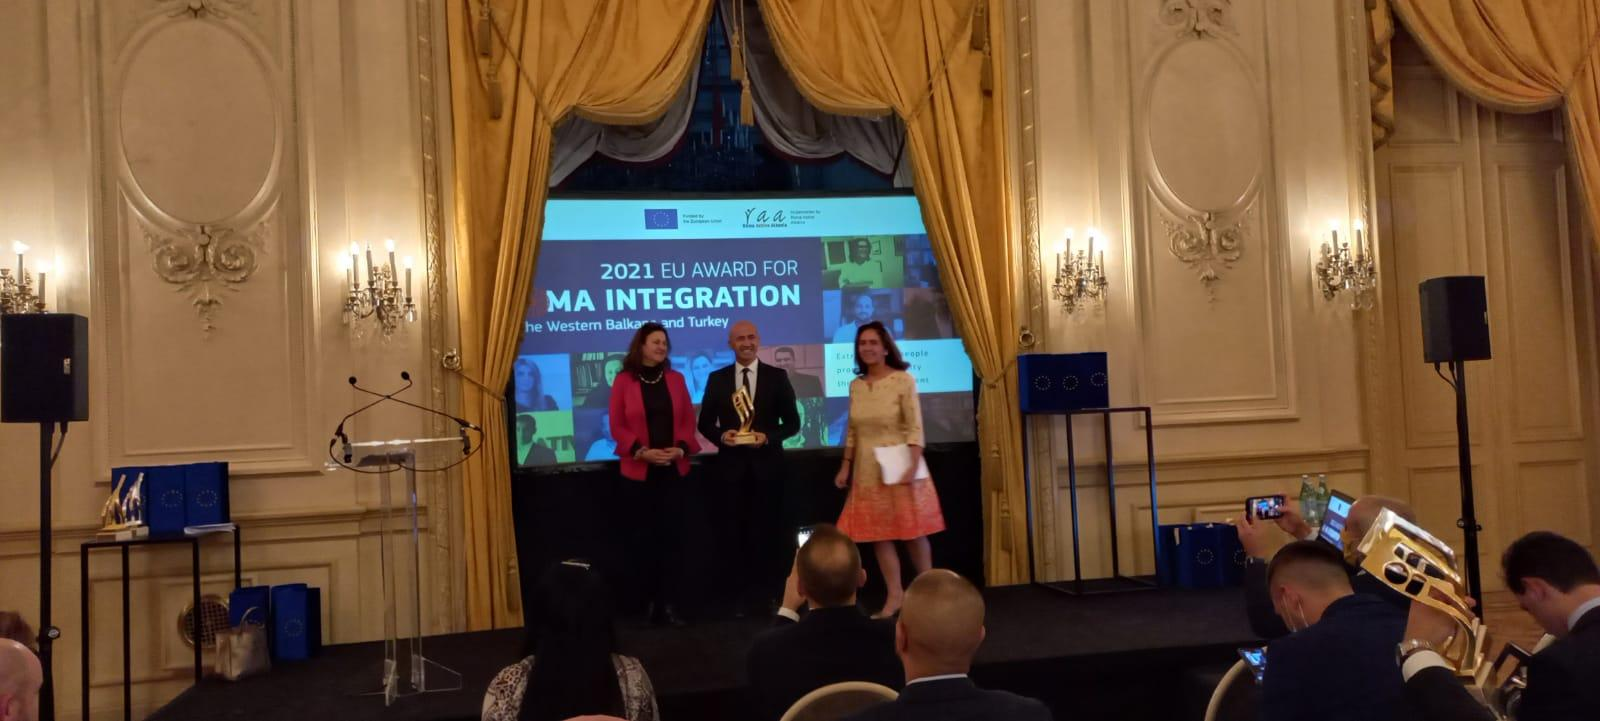 Avrupa Birliği Roman Entegrasyon Ödülü (2) (1)